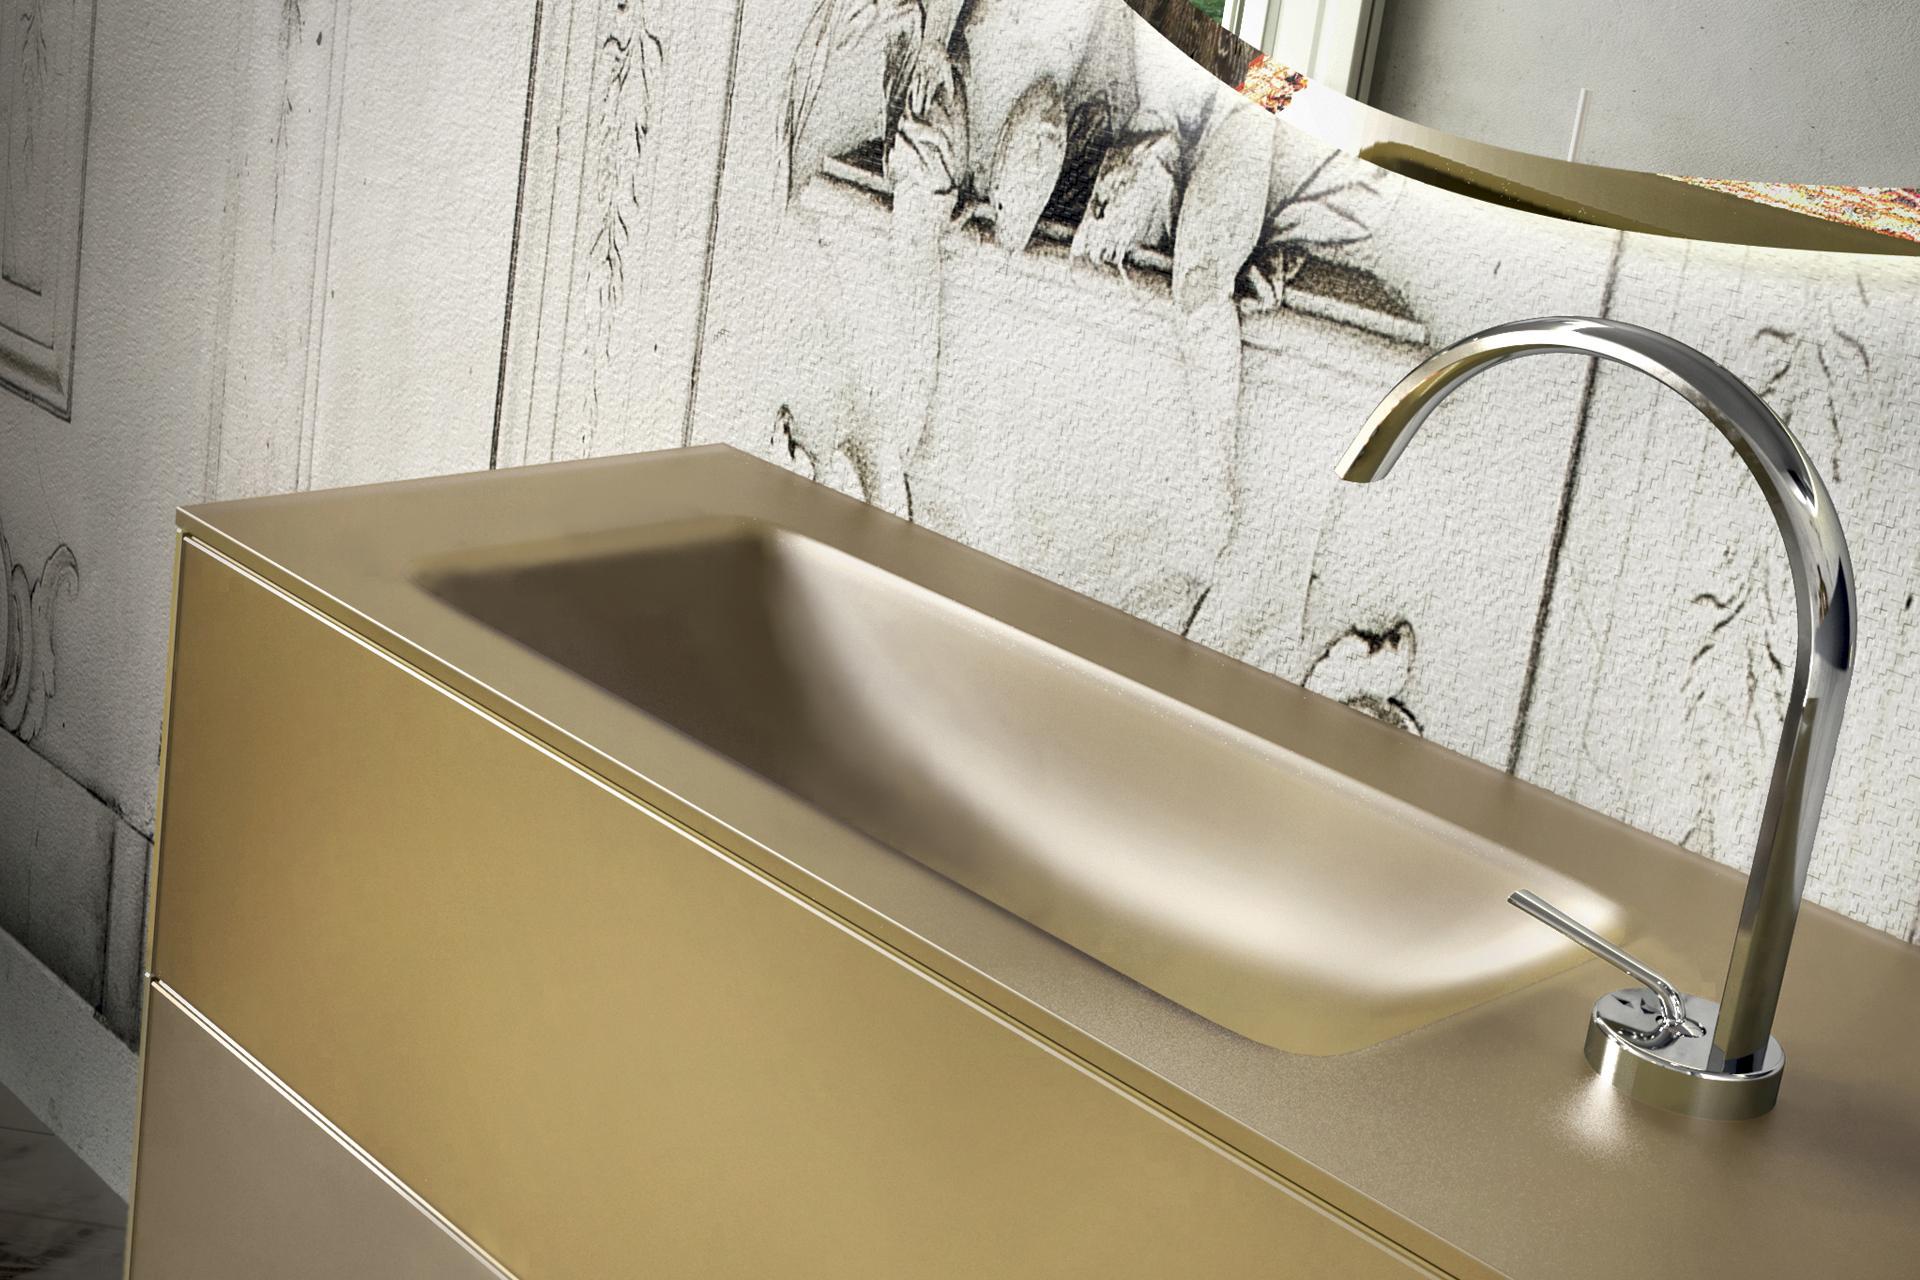 Lavandino bagno formax arredamento ceni